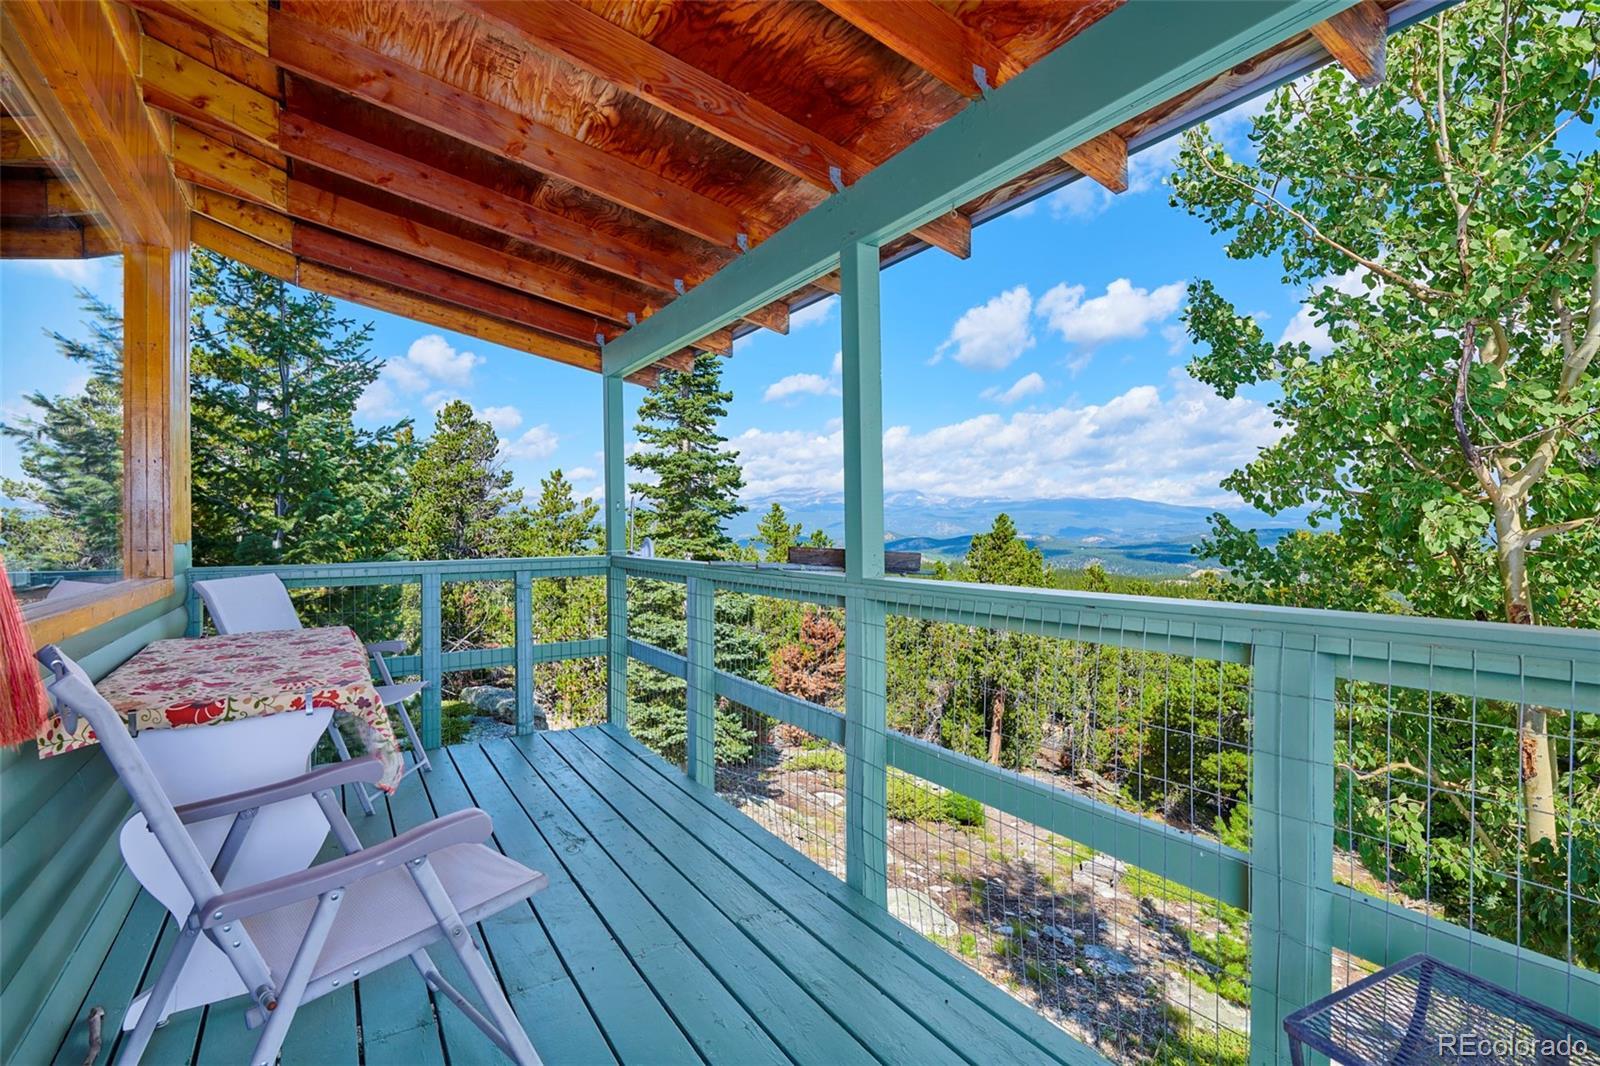 130 Sego Lily Way, Black Hawk, CO 80422 - Black Hawk, CO real estate listing